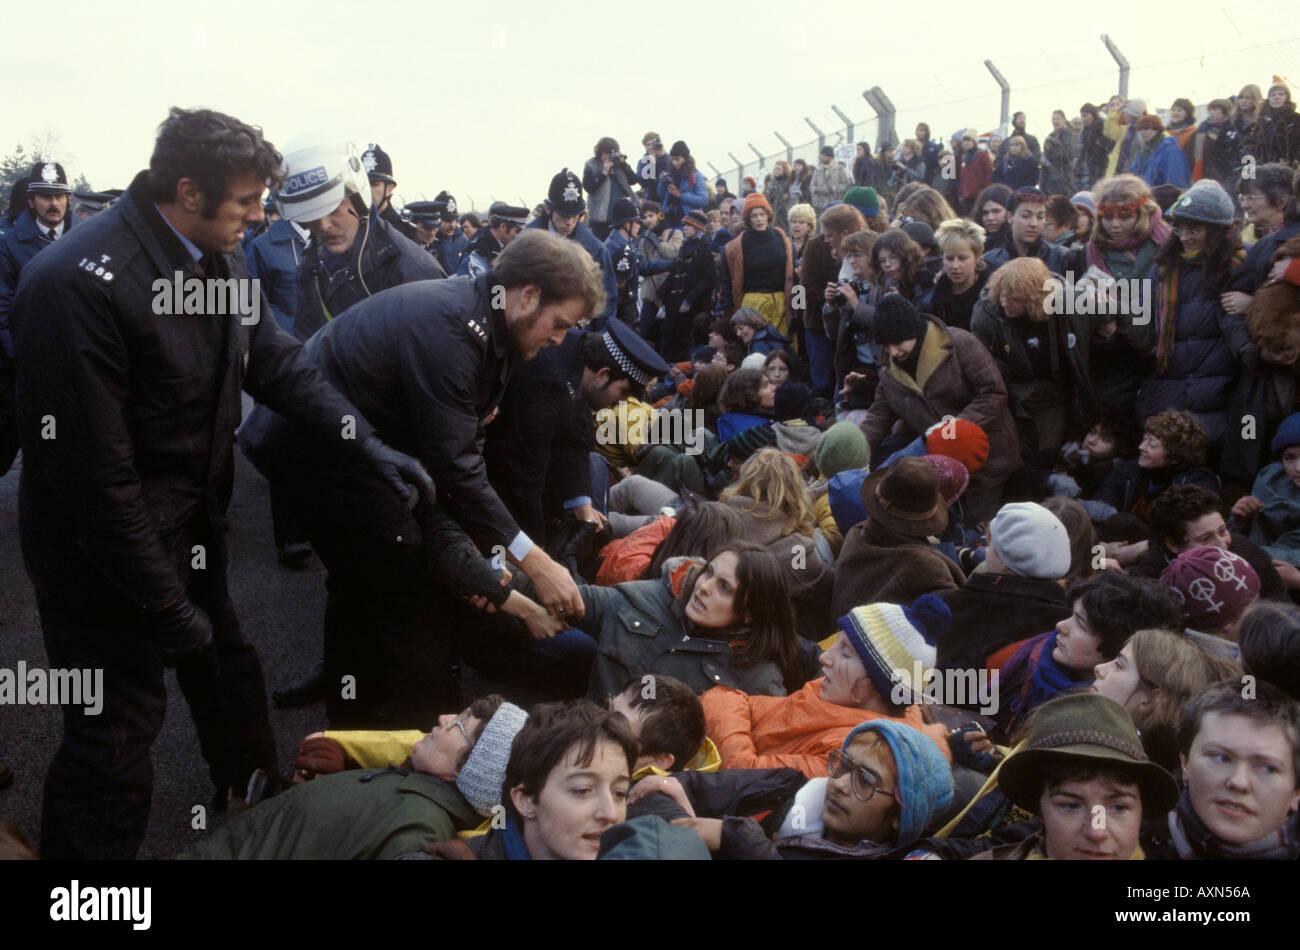 La police arrête des manifestants de la paix à la base aérienne de missiles de croisière nucléaires Greenham Common Banque D'Images